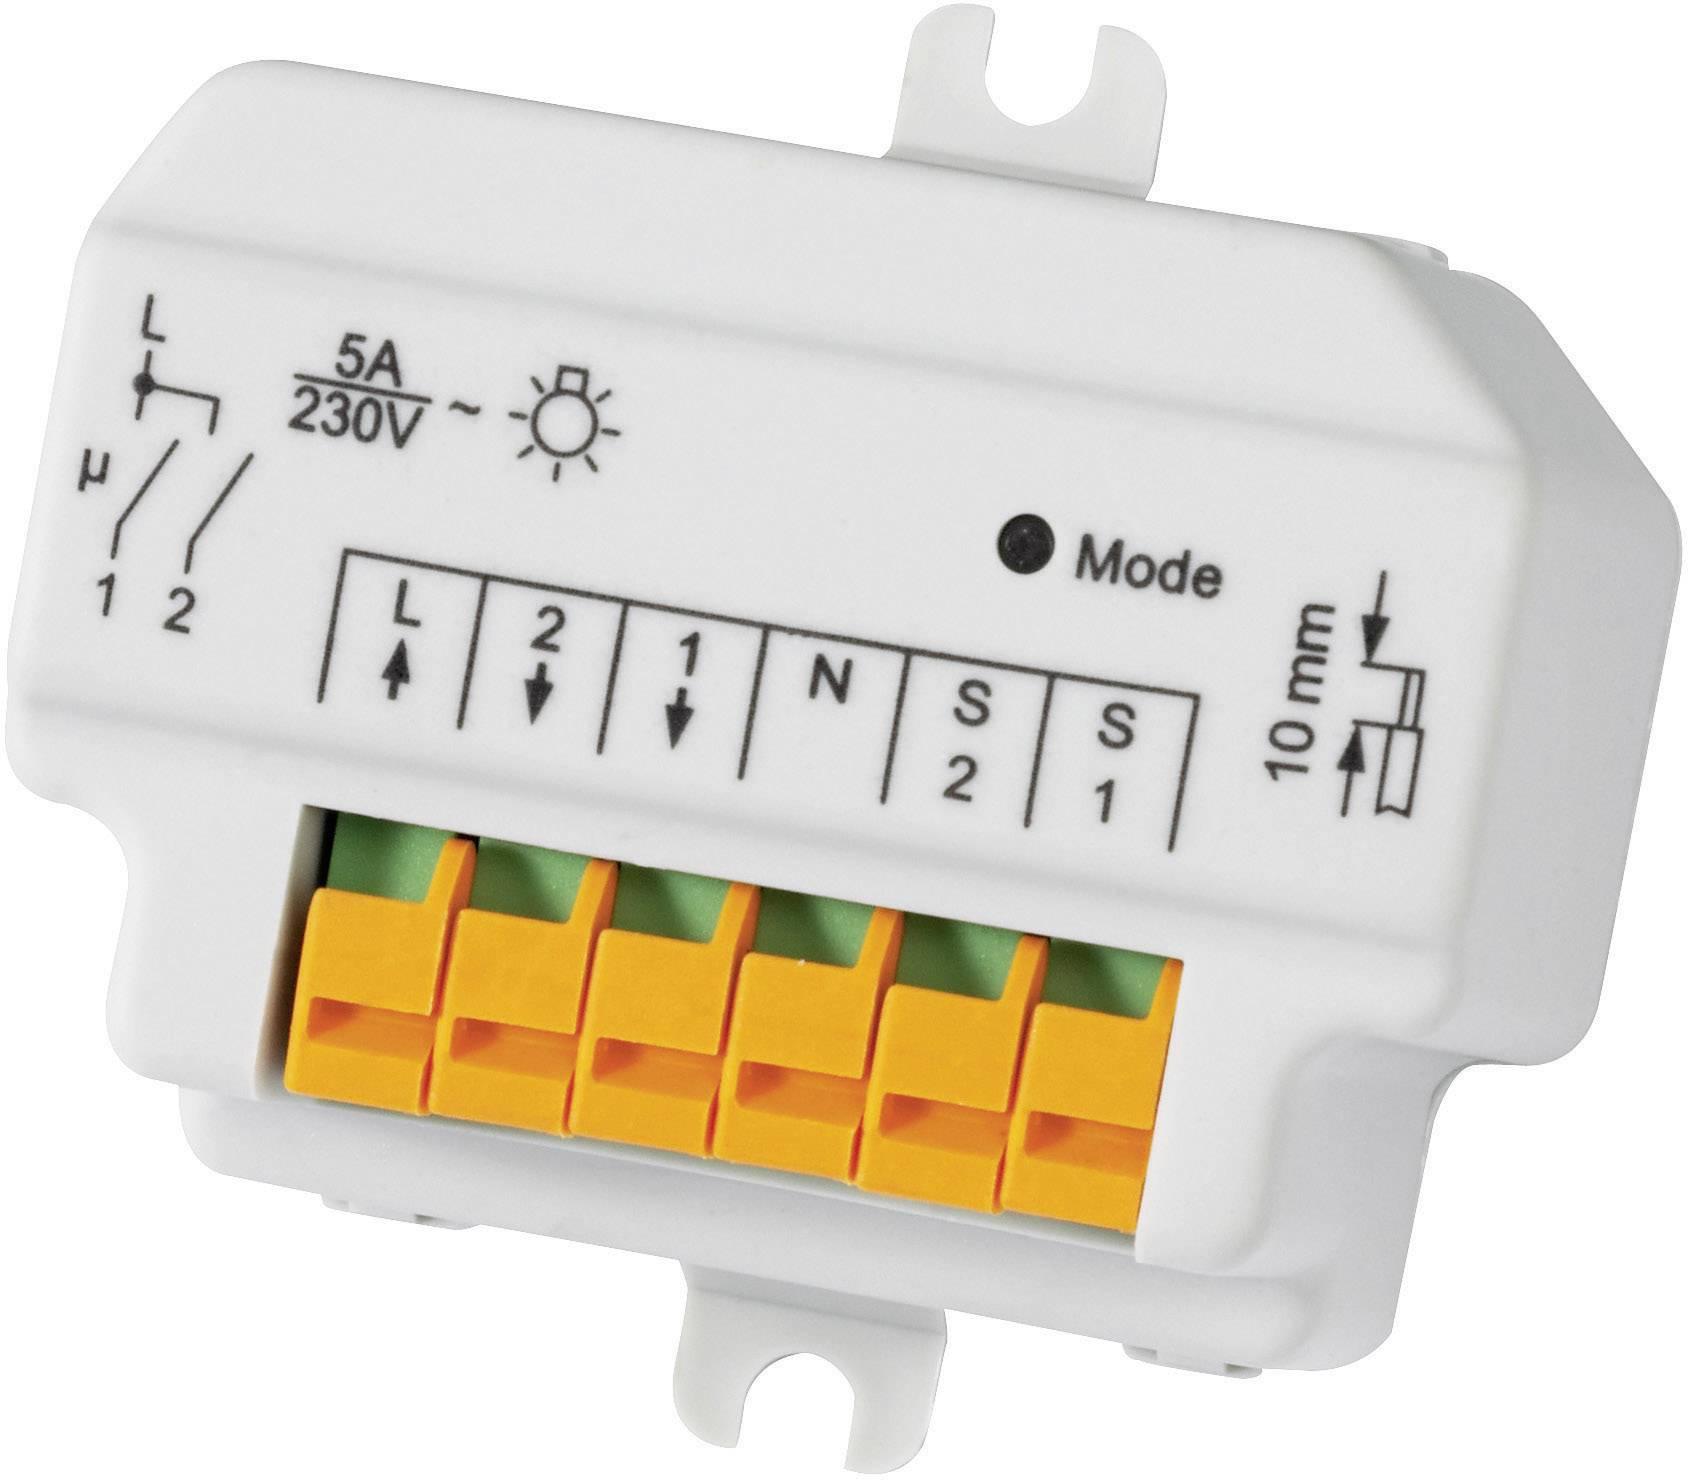 Bezdrôtový spínač pod omietku HomeMatic HM-LC-SW2-FM 76794 2-kanálová, Max. dosah 100 m, 1150 W